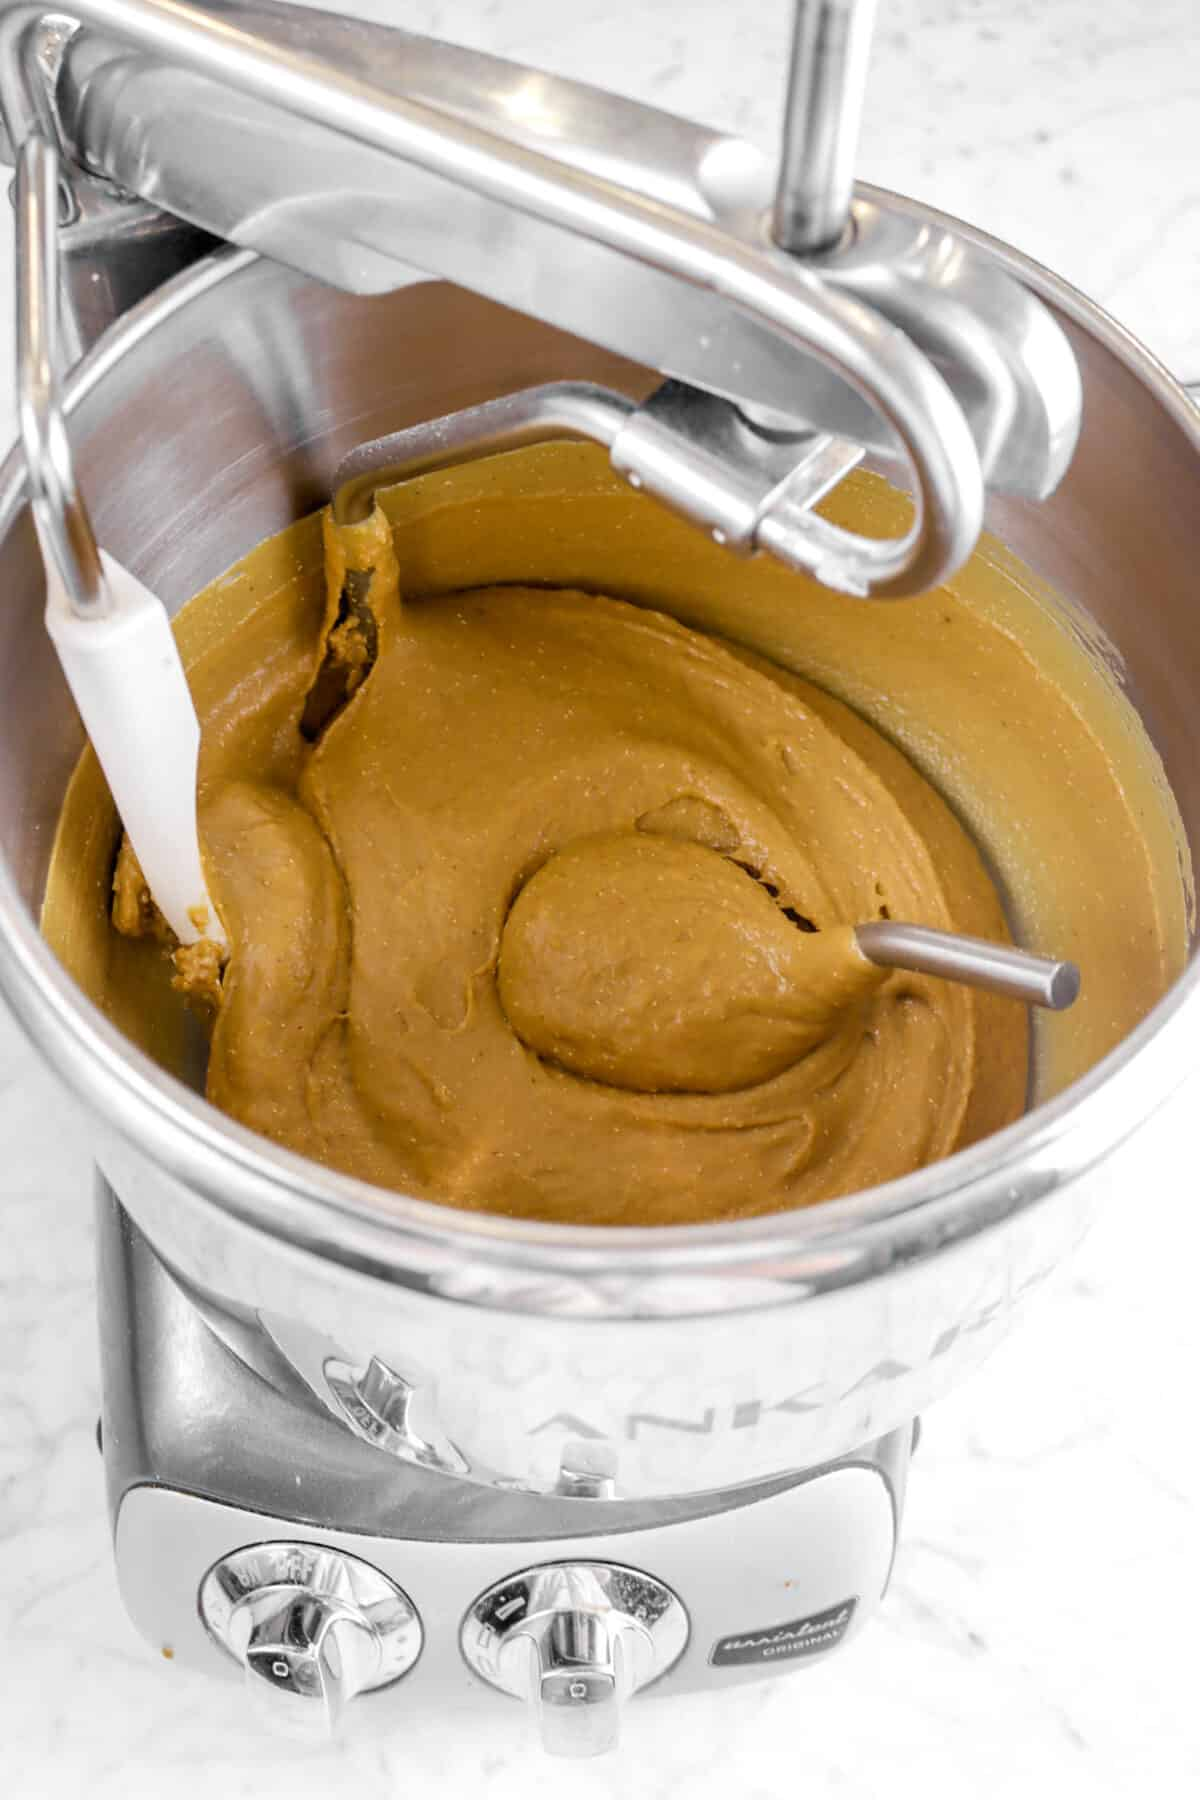 gingerbread beignet dough in a mixer